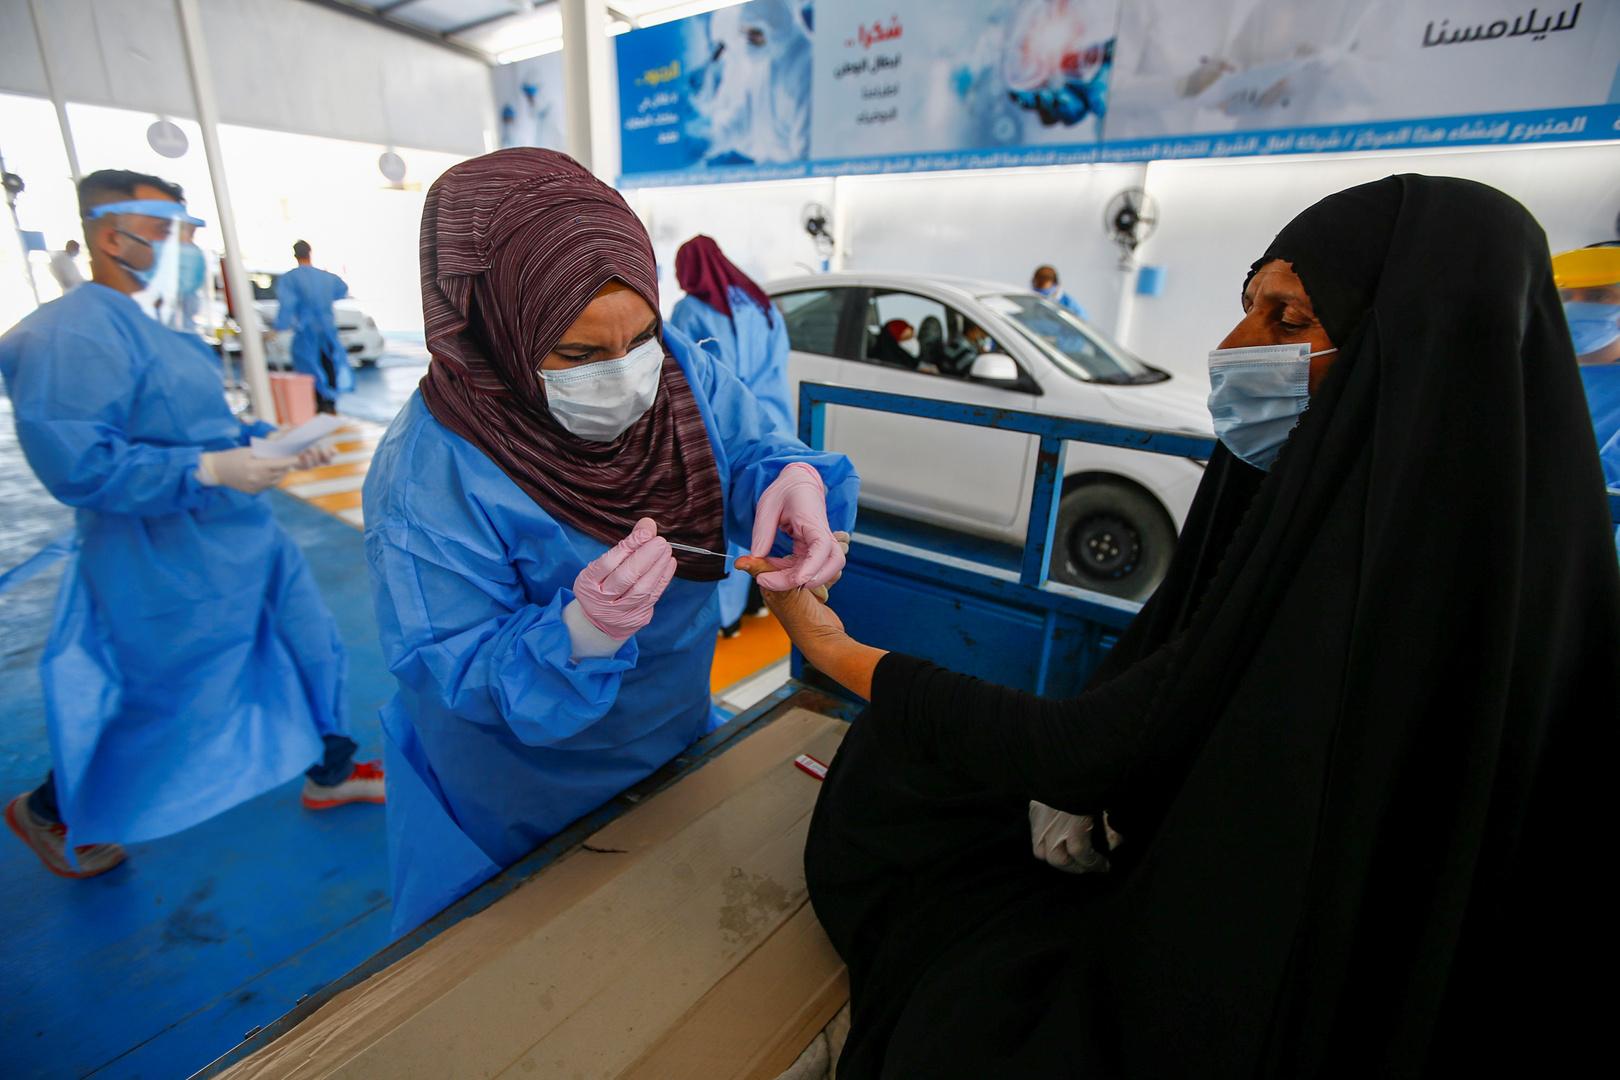 فرنسا: سنقدم مساعدات ومستلزمات طبية لإقليم كردستان العراق